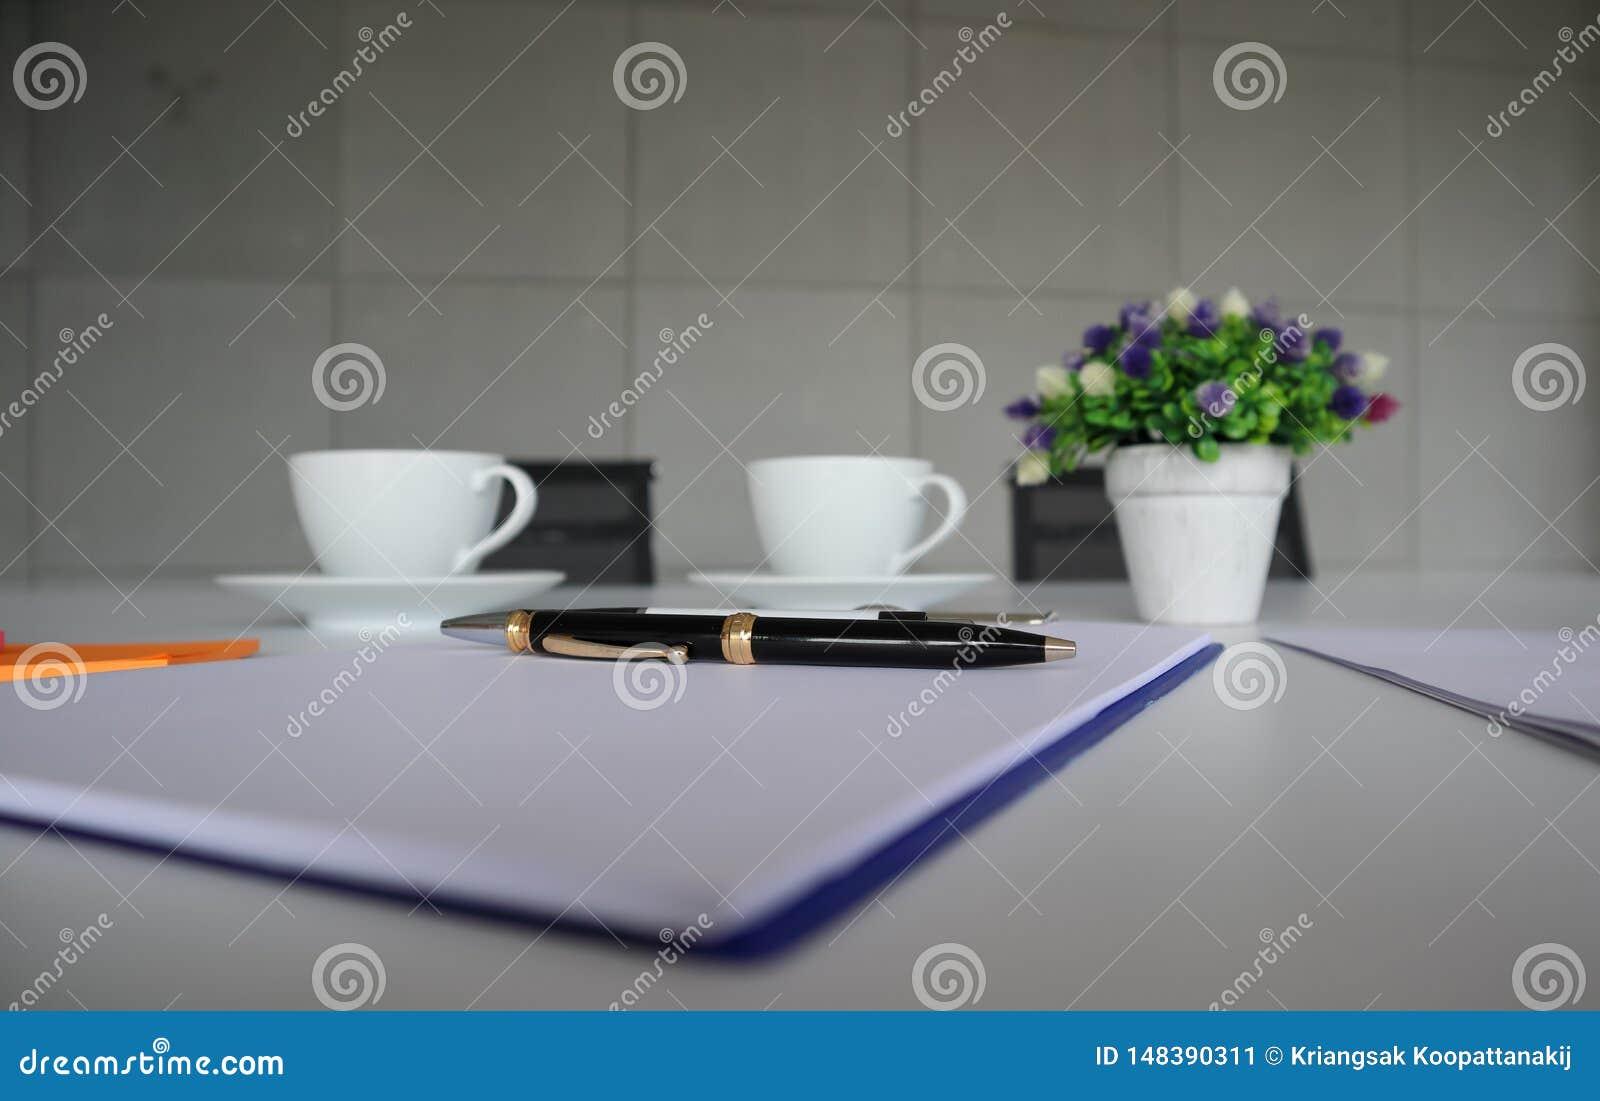 Le stylo noir a mis dessus le bloc-notes